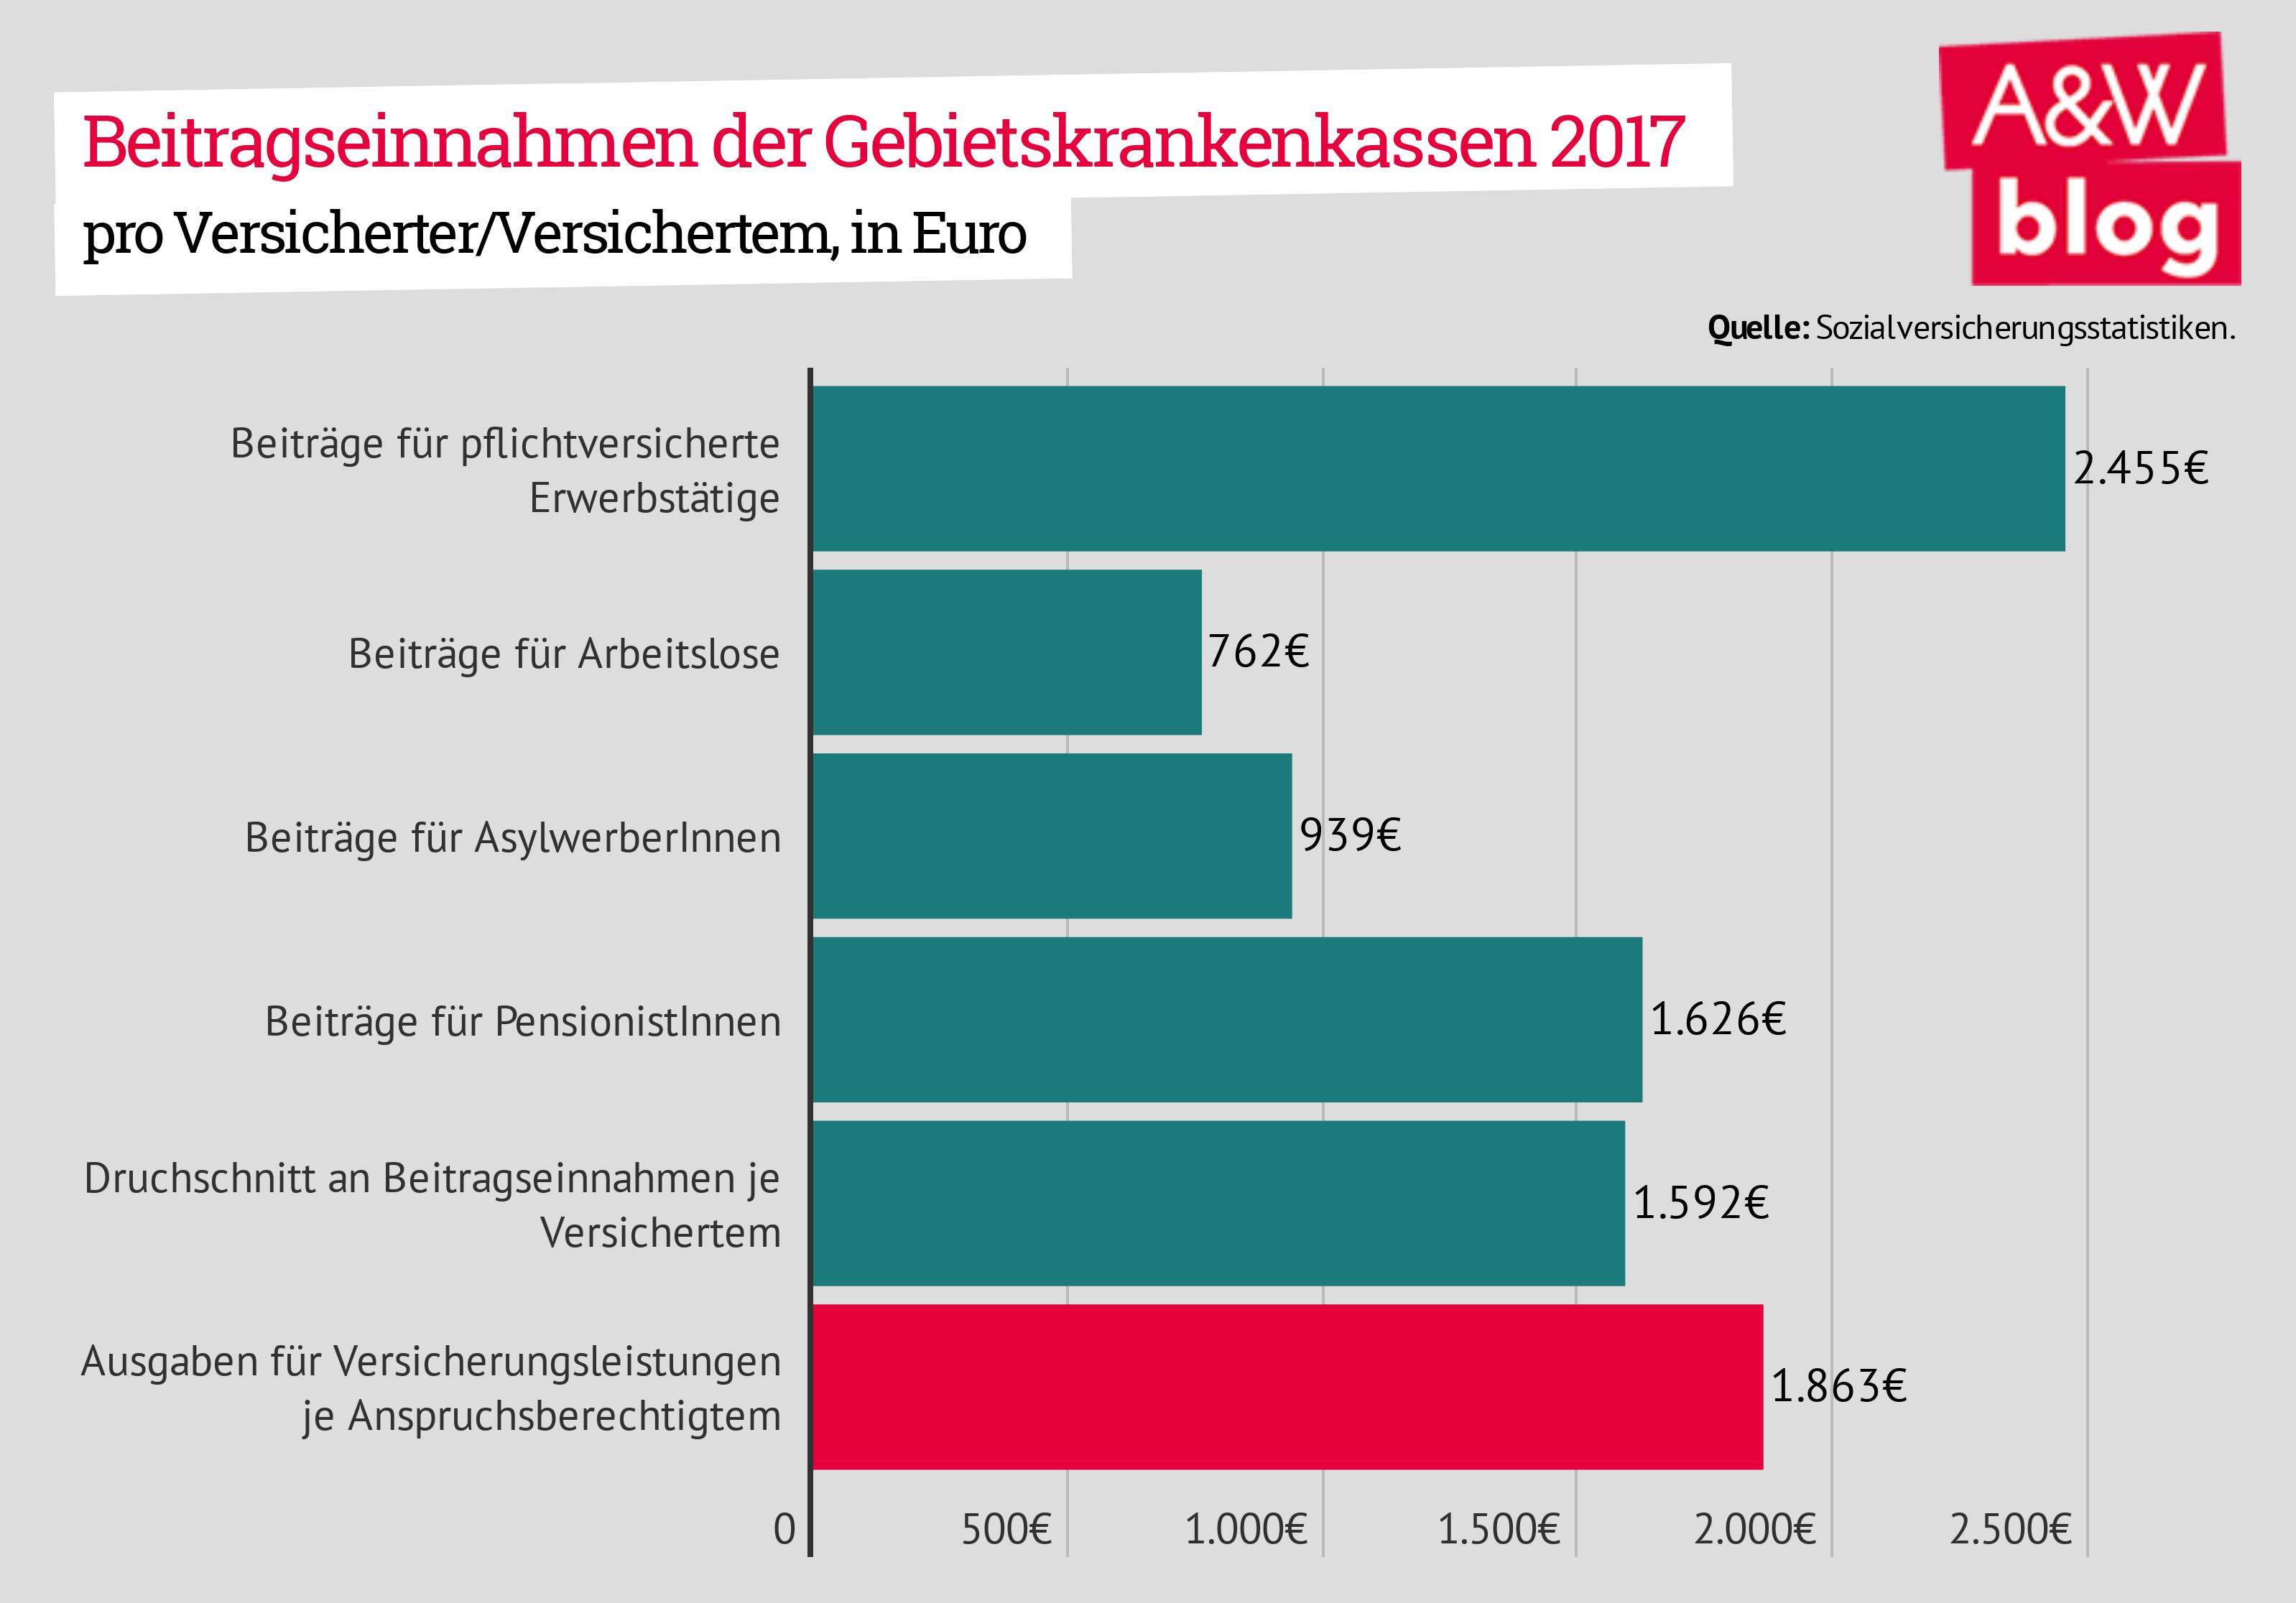 Beitragseinnahmen der Gebietskrankenkassen 2017